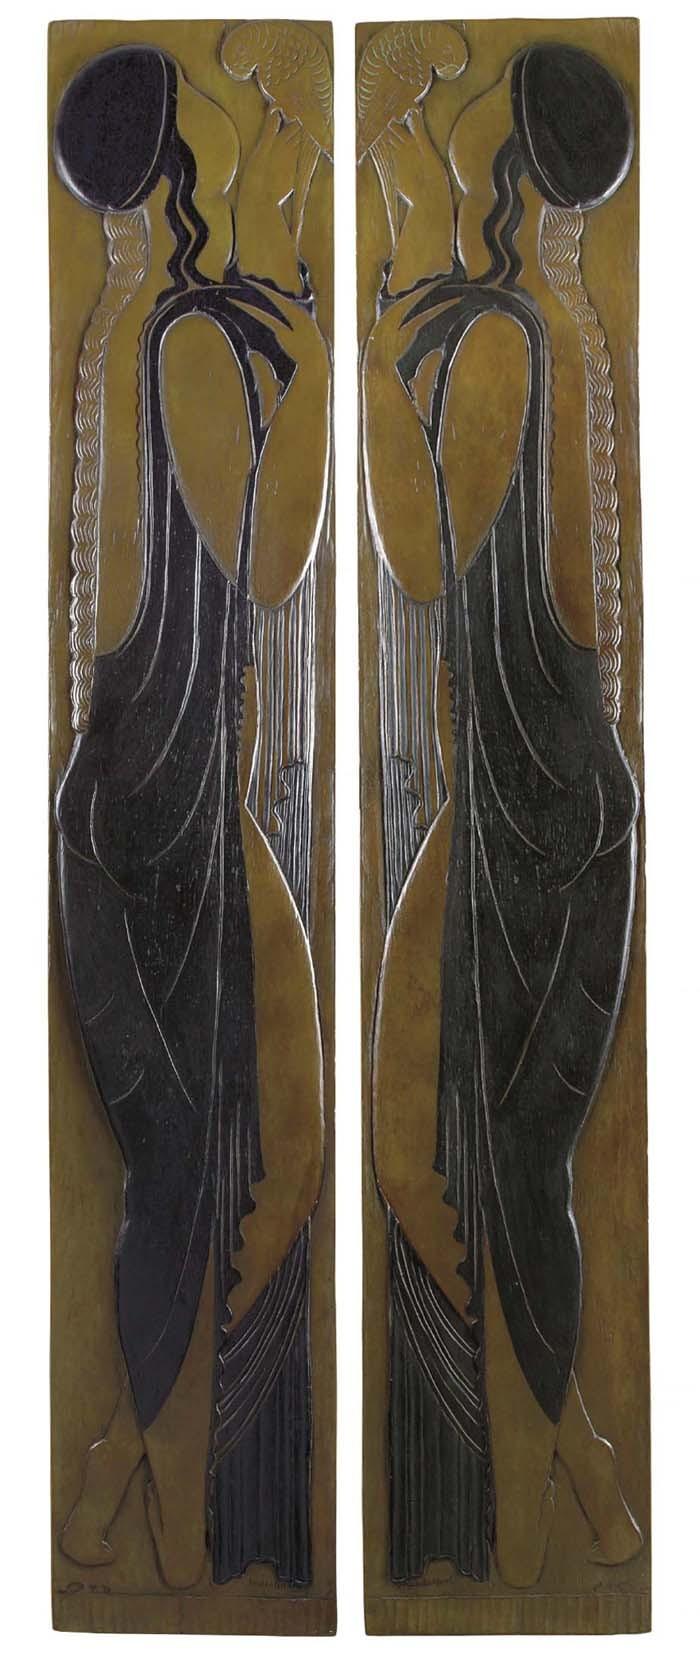 LEON INDENBAUM, 1891-1981